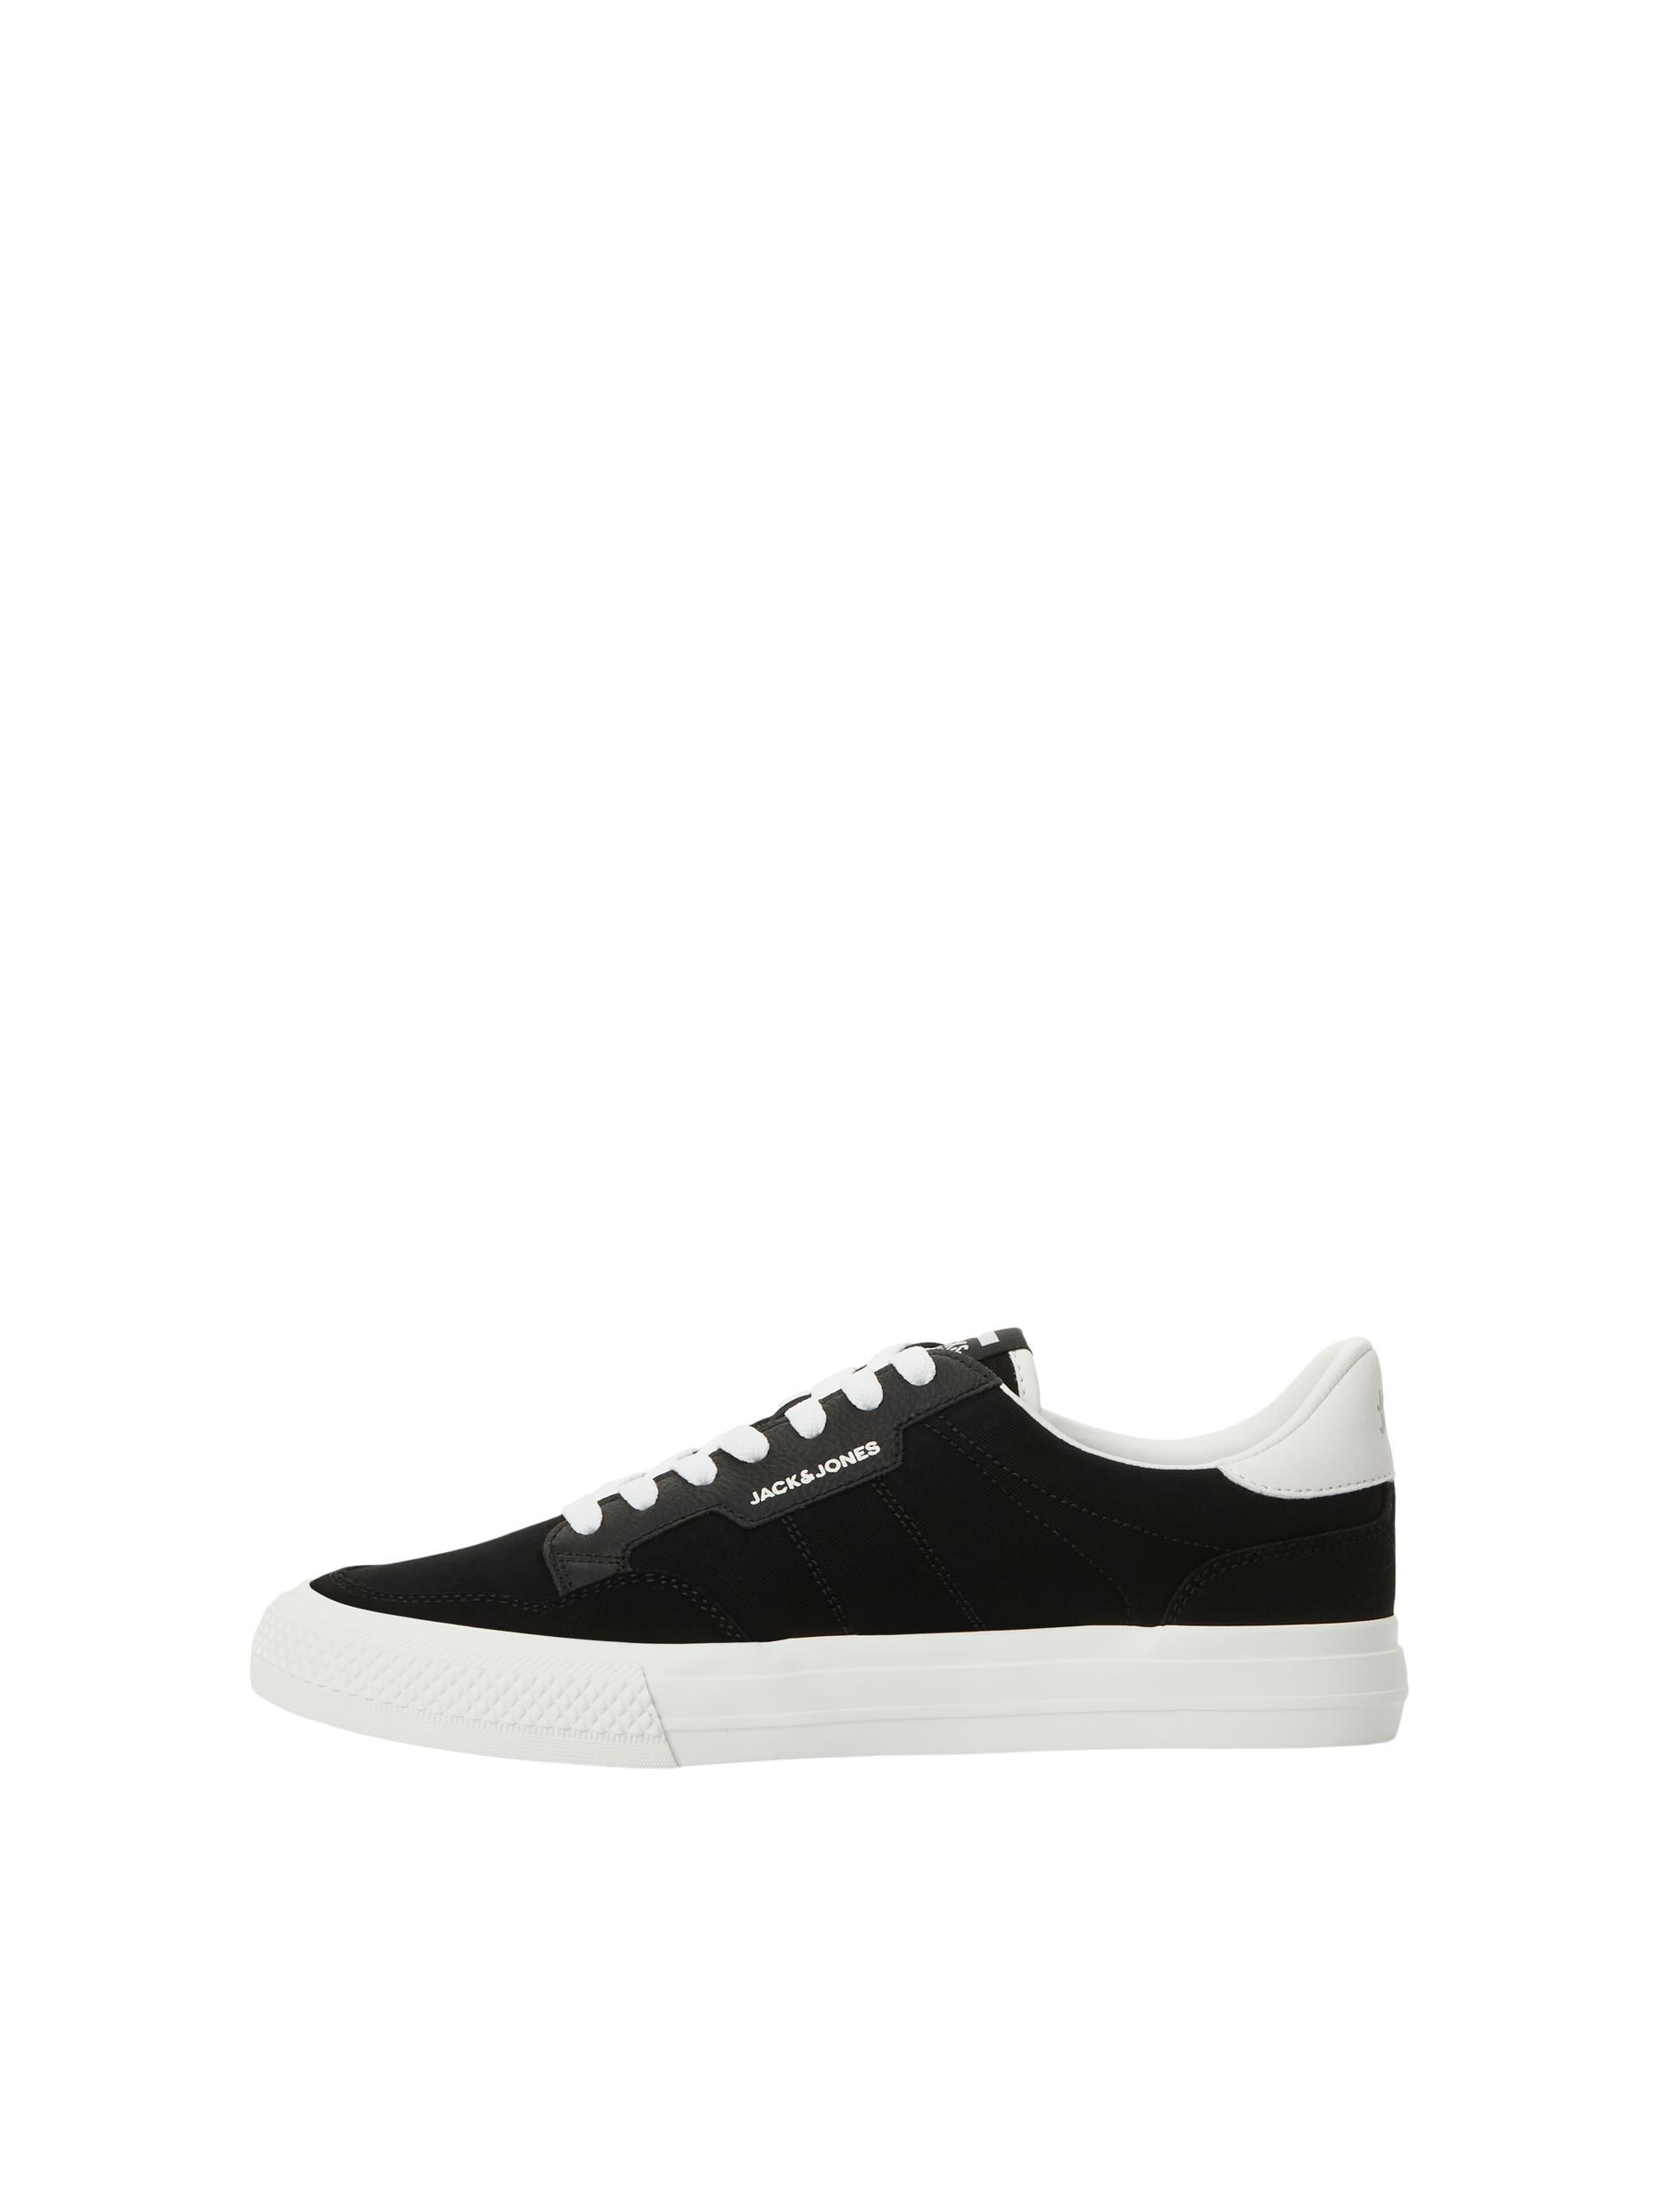 Jack & Jones Morden Combo sneakers